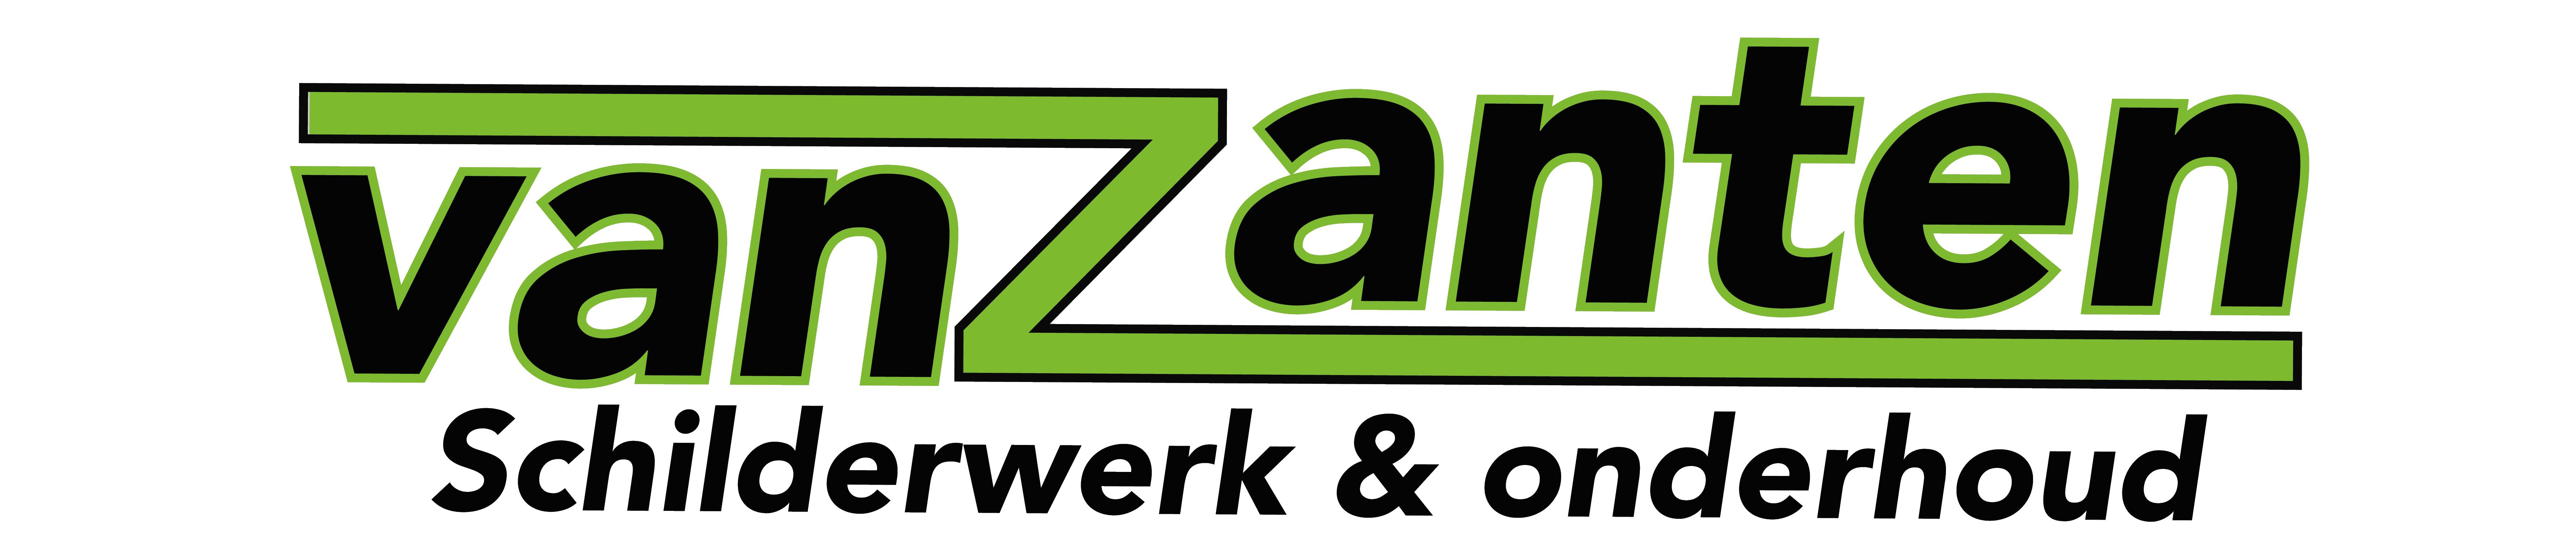 Van Zanten Logo